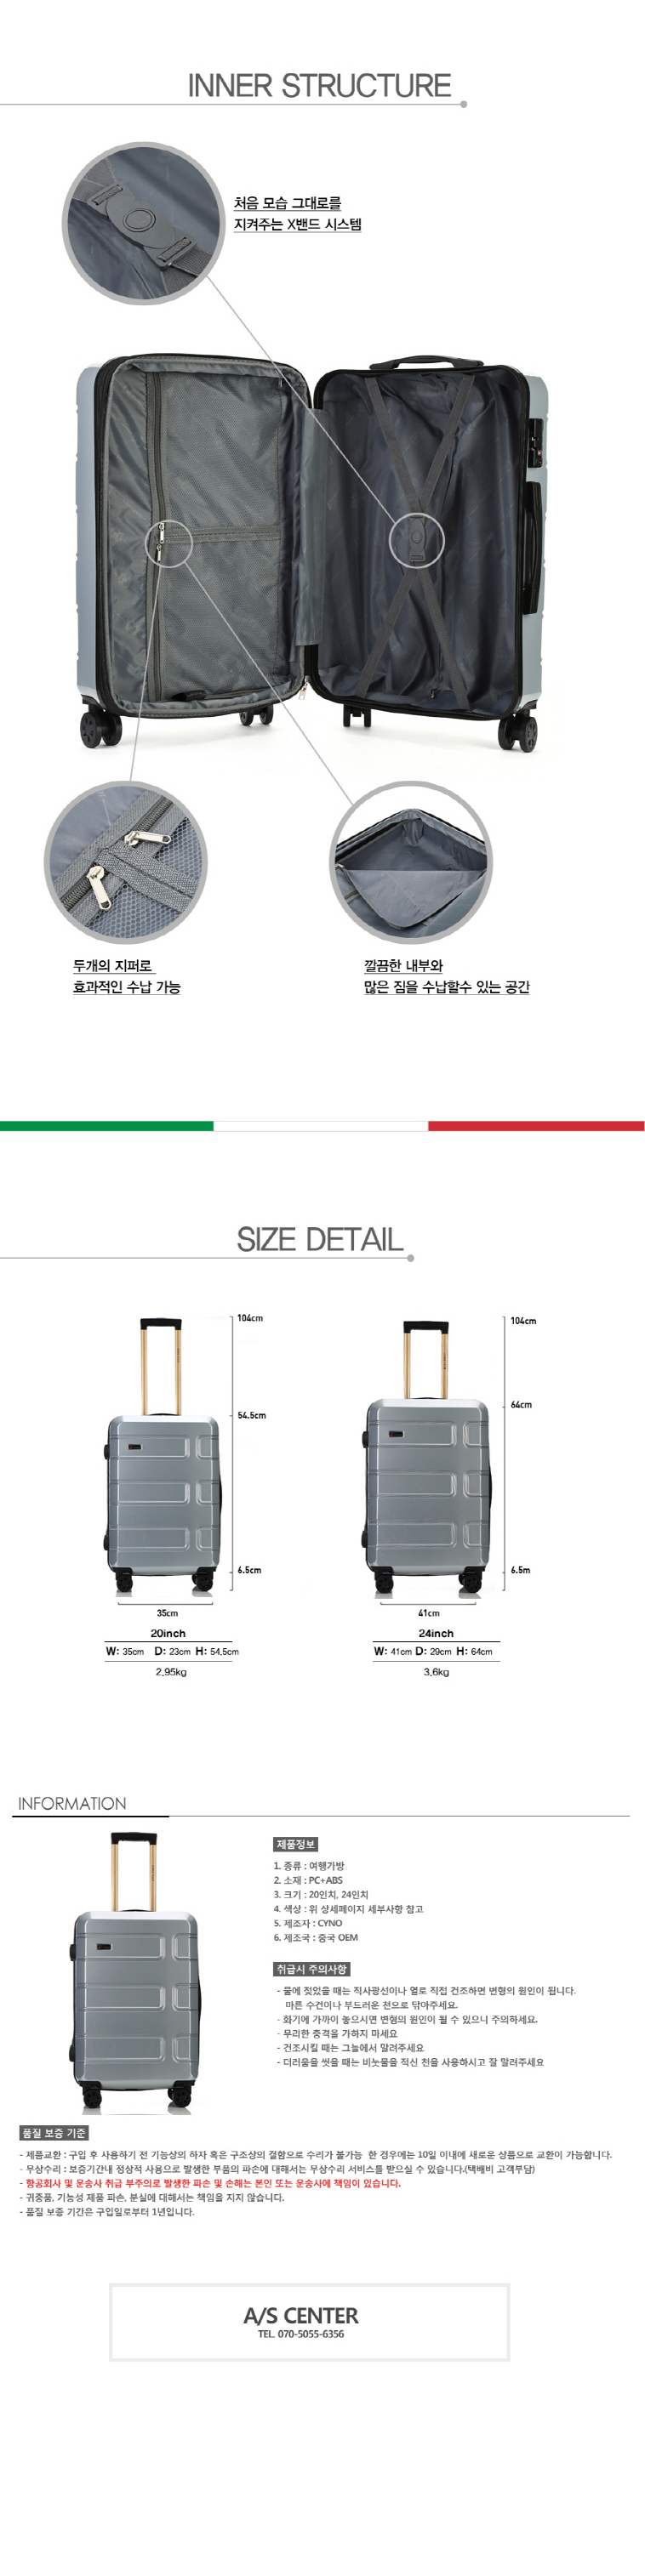 싸이노 브릭스 레드 24인치 하드캐리어 여행가방 - 꼬뱅, 129,000원, 하드형, 중형(24형) 이하